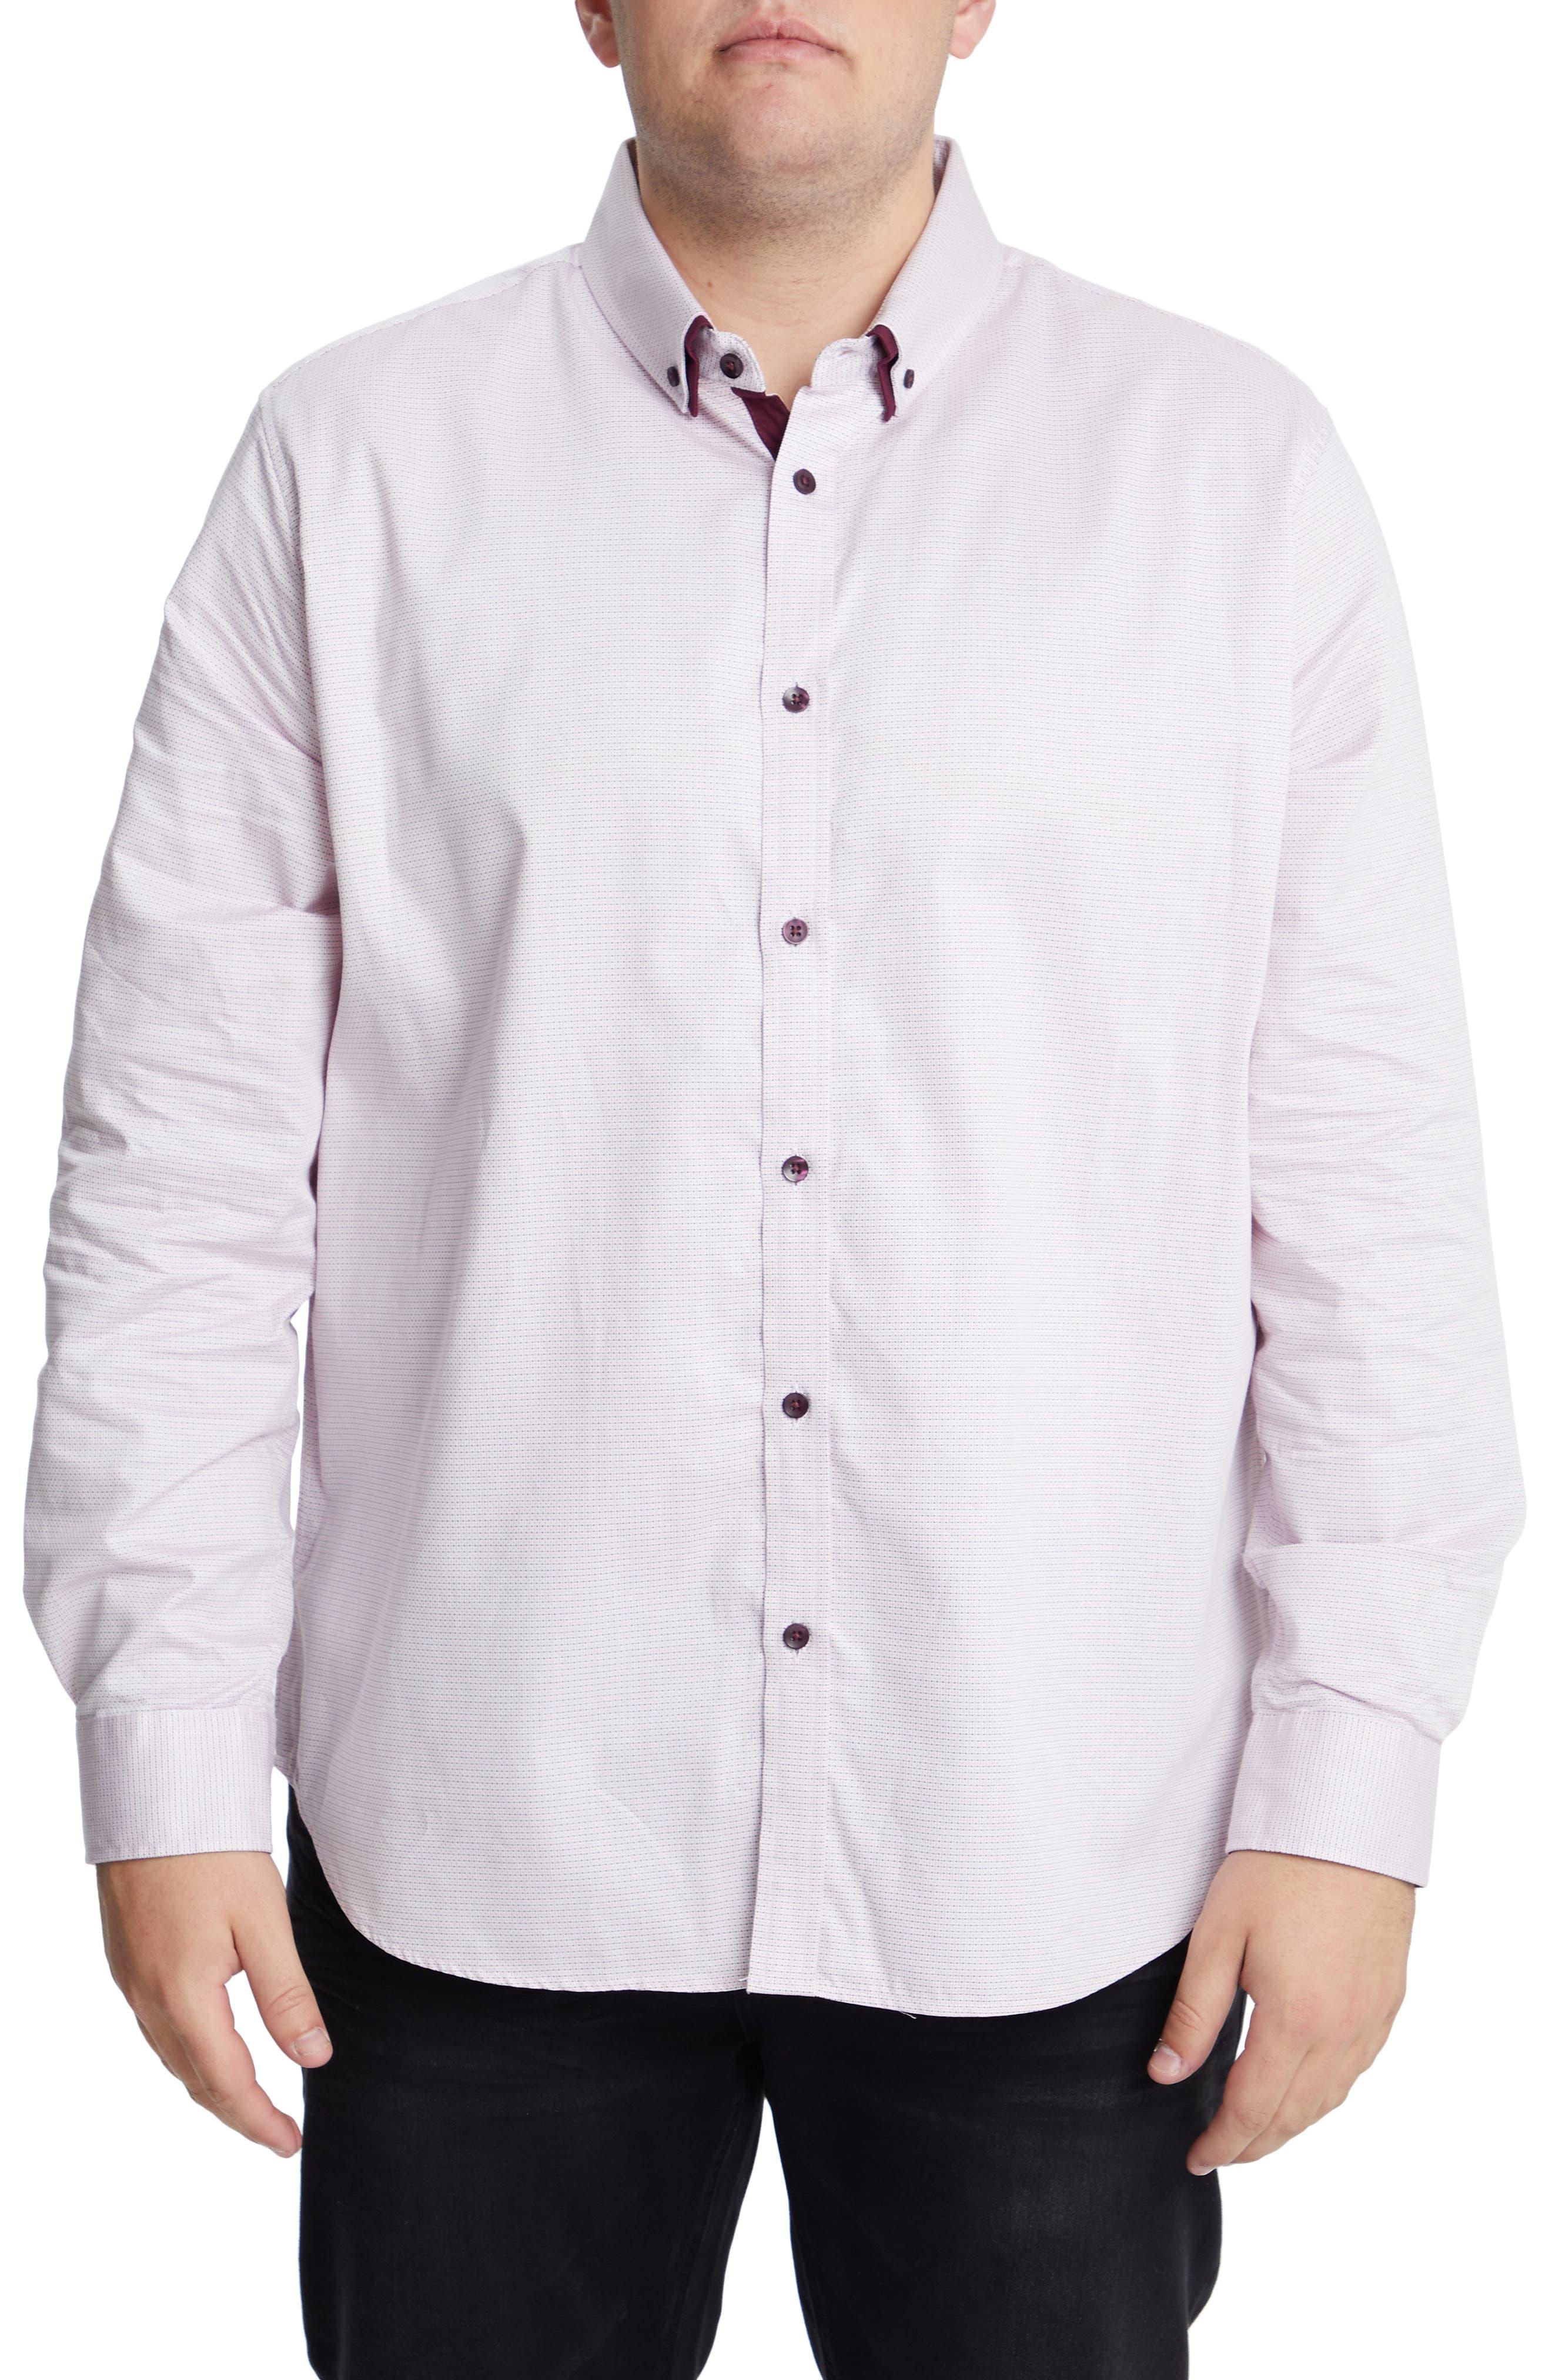 Men's Big & Tall Johnny Bigg Marlon Stretch Jacquard Button-Down Shirt